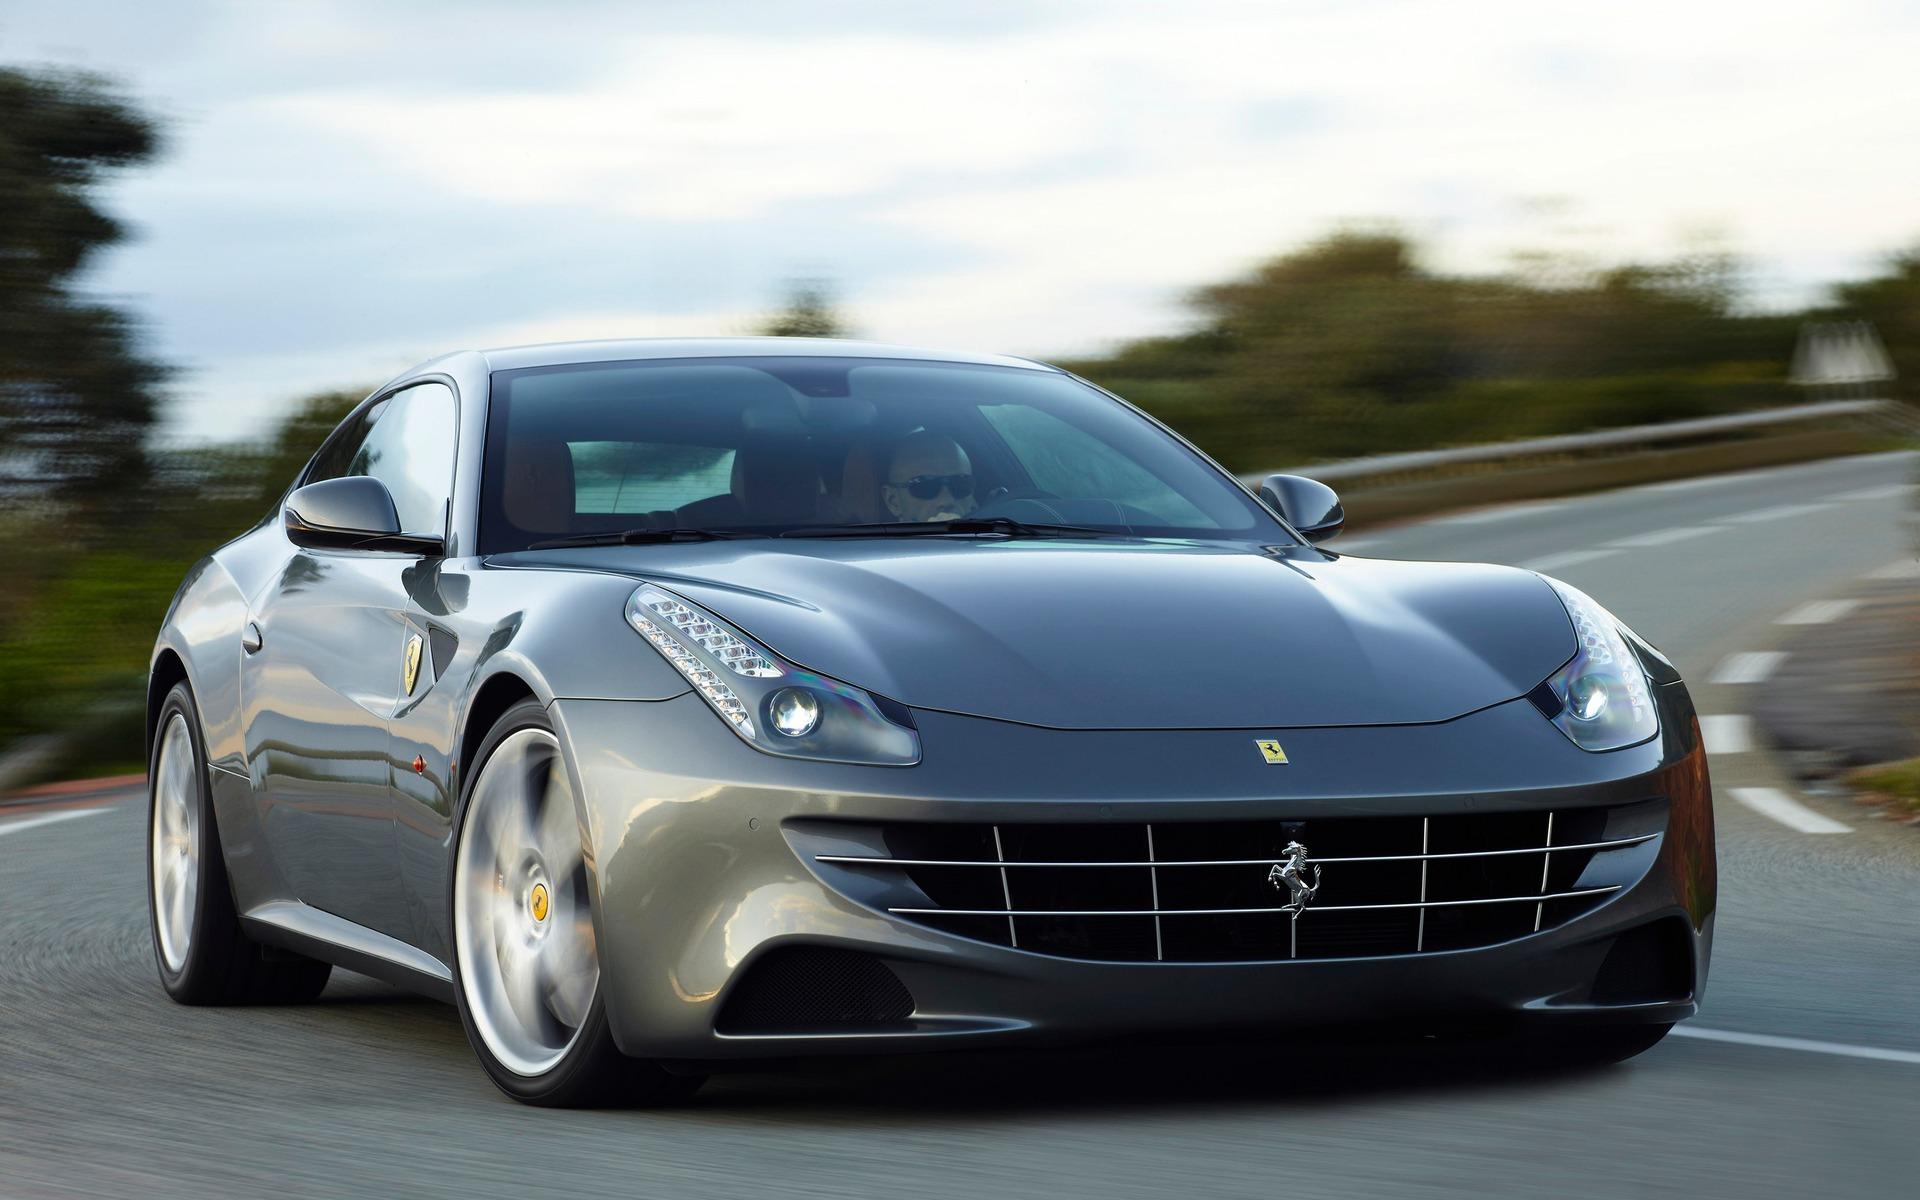 Ferrari FF 2011 - 2016 Hatchback 3 door :: OUTSTANDING CARS